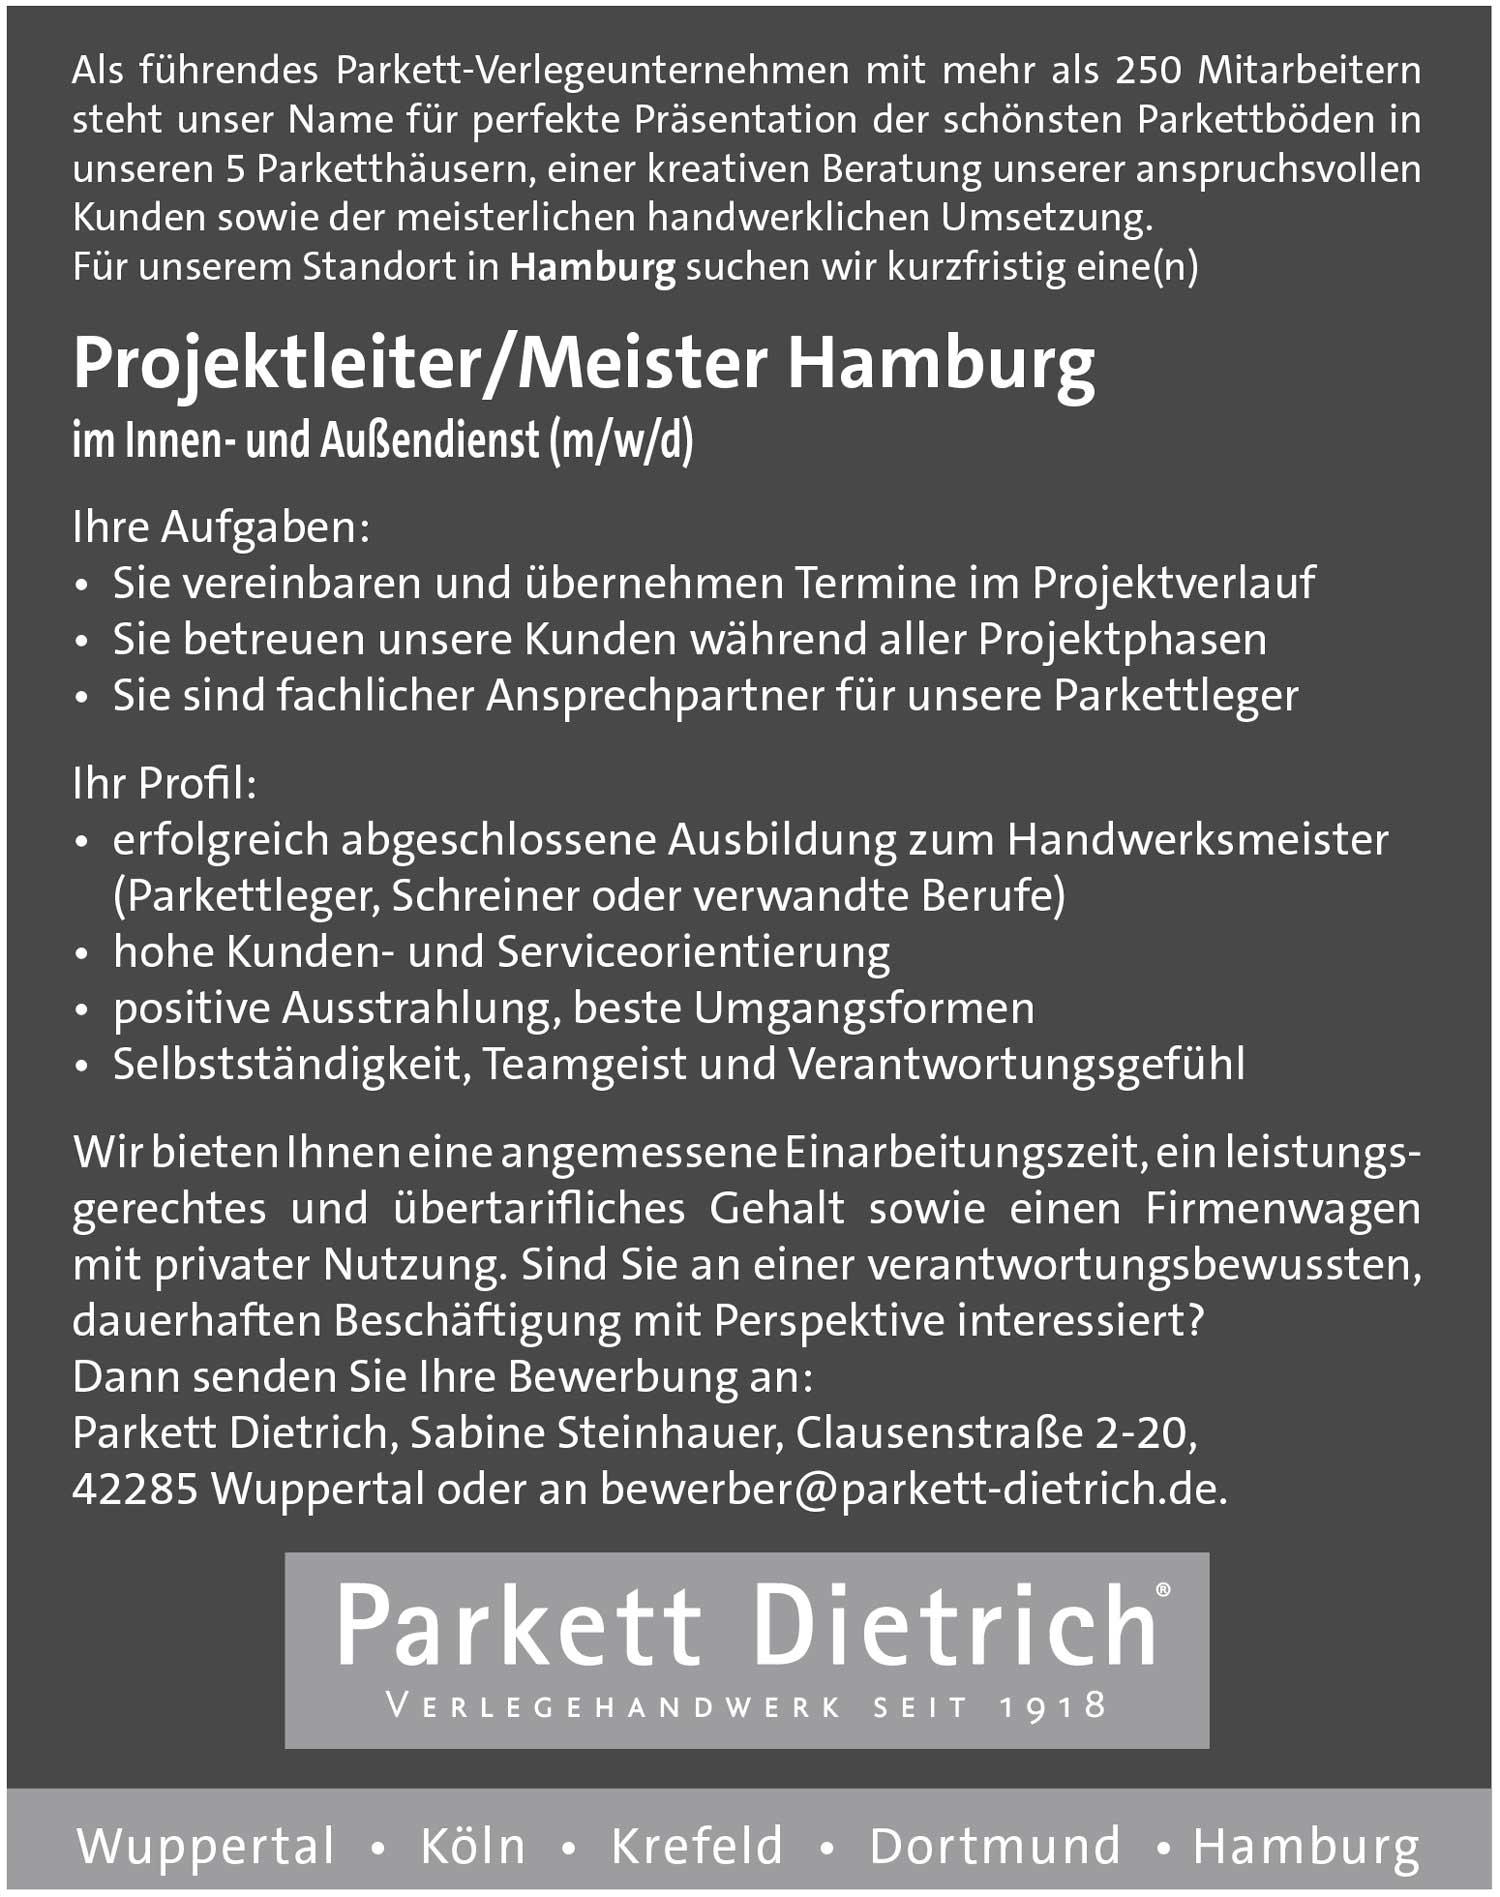 Projektleiter/Meister im Innen- und Außendienst (m/w/d) für Parkettverlegung